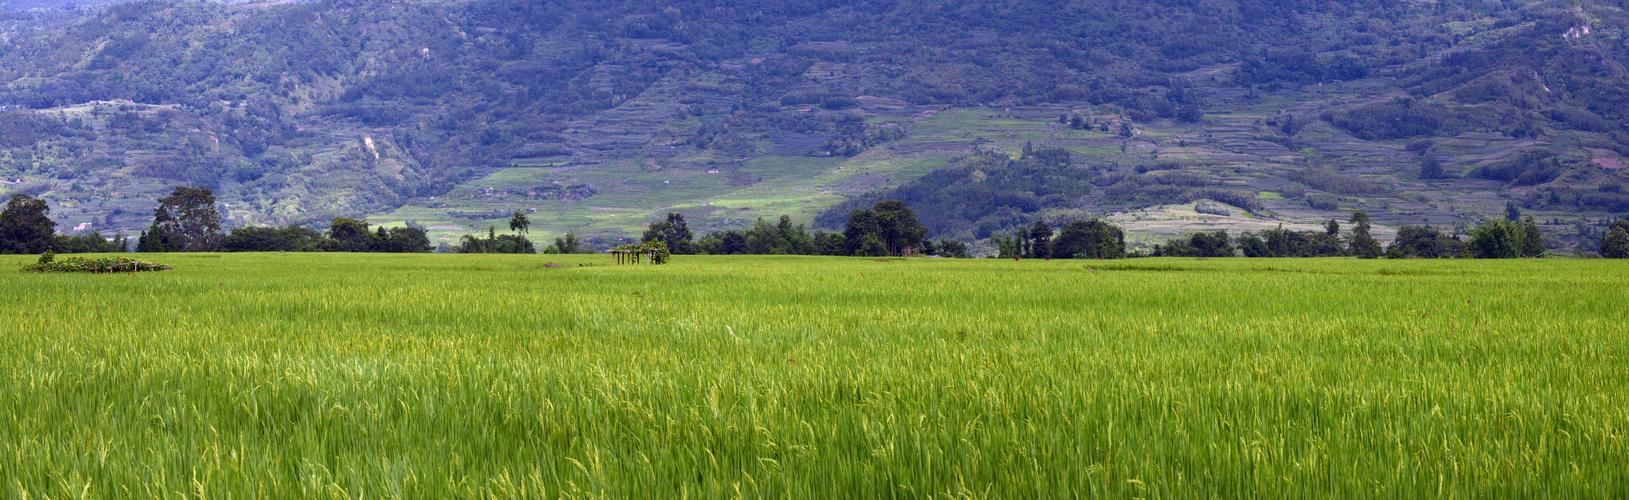 Xianduo